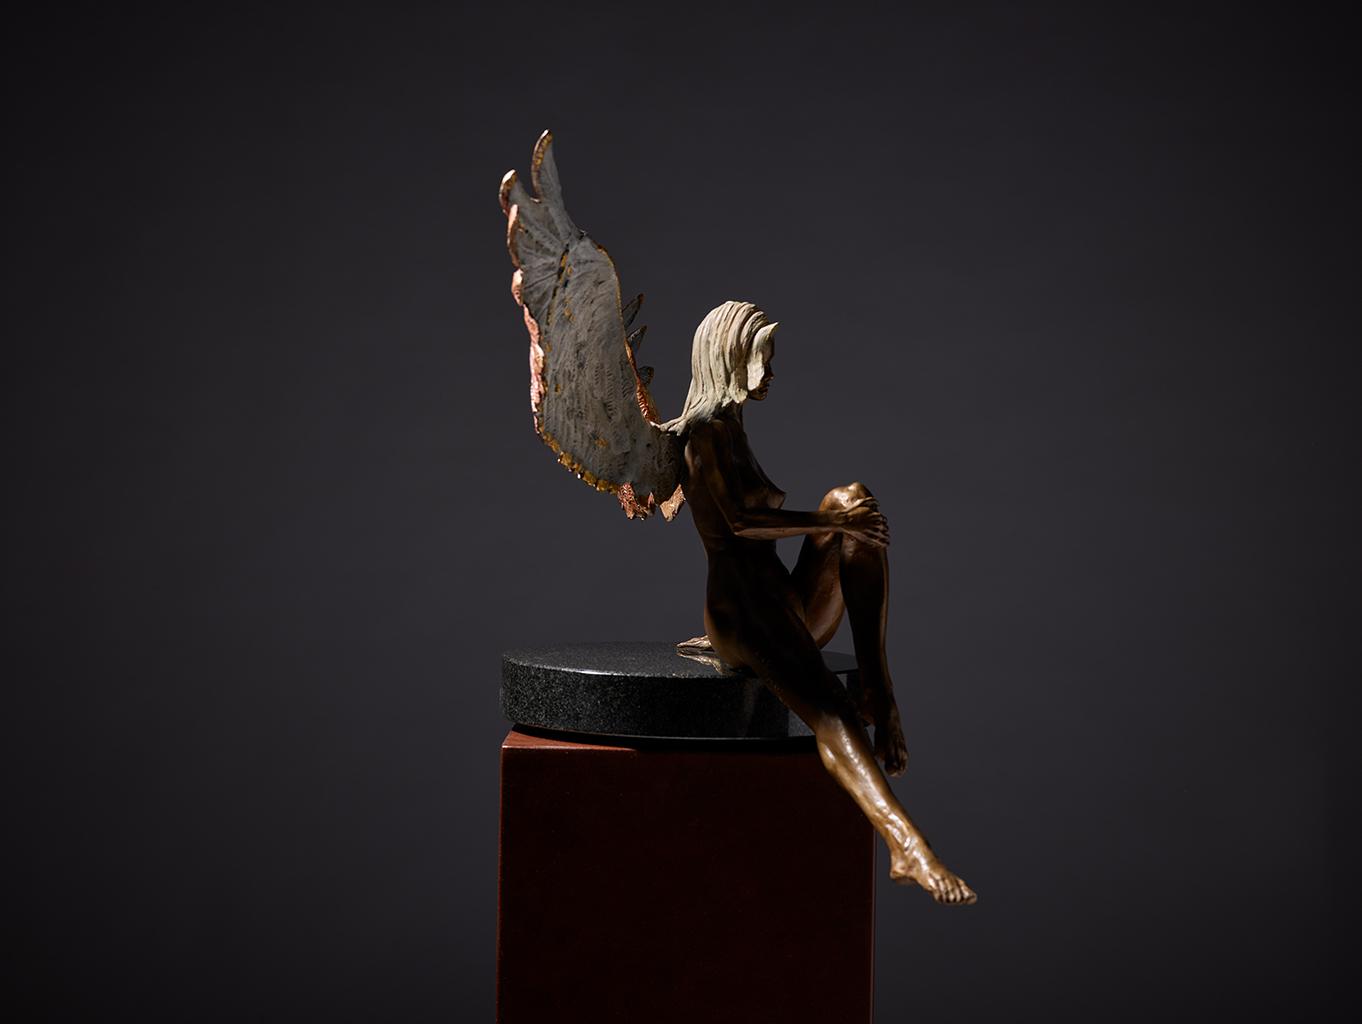 fallen angel edwards_1711_008.jpg